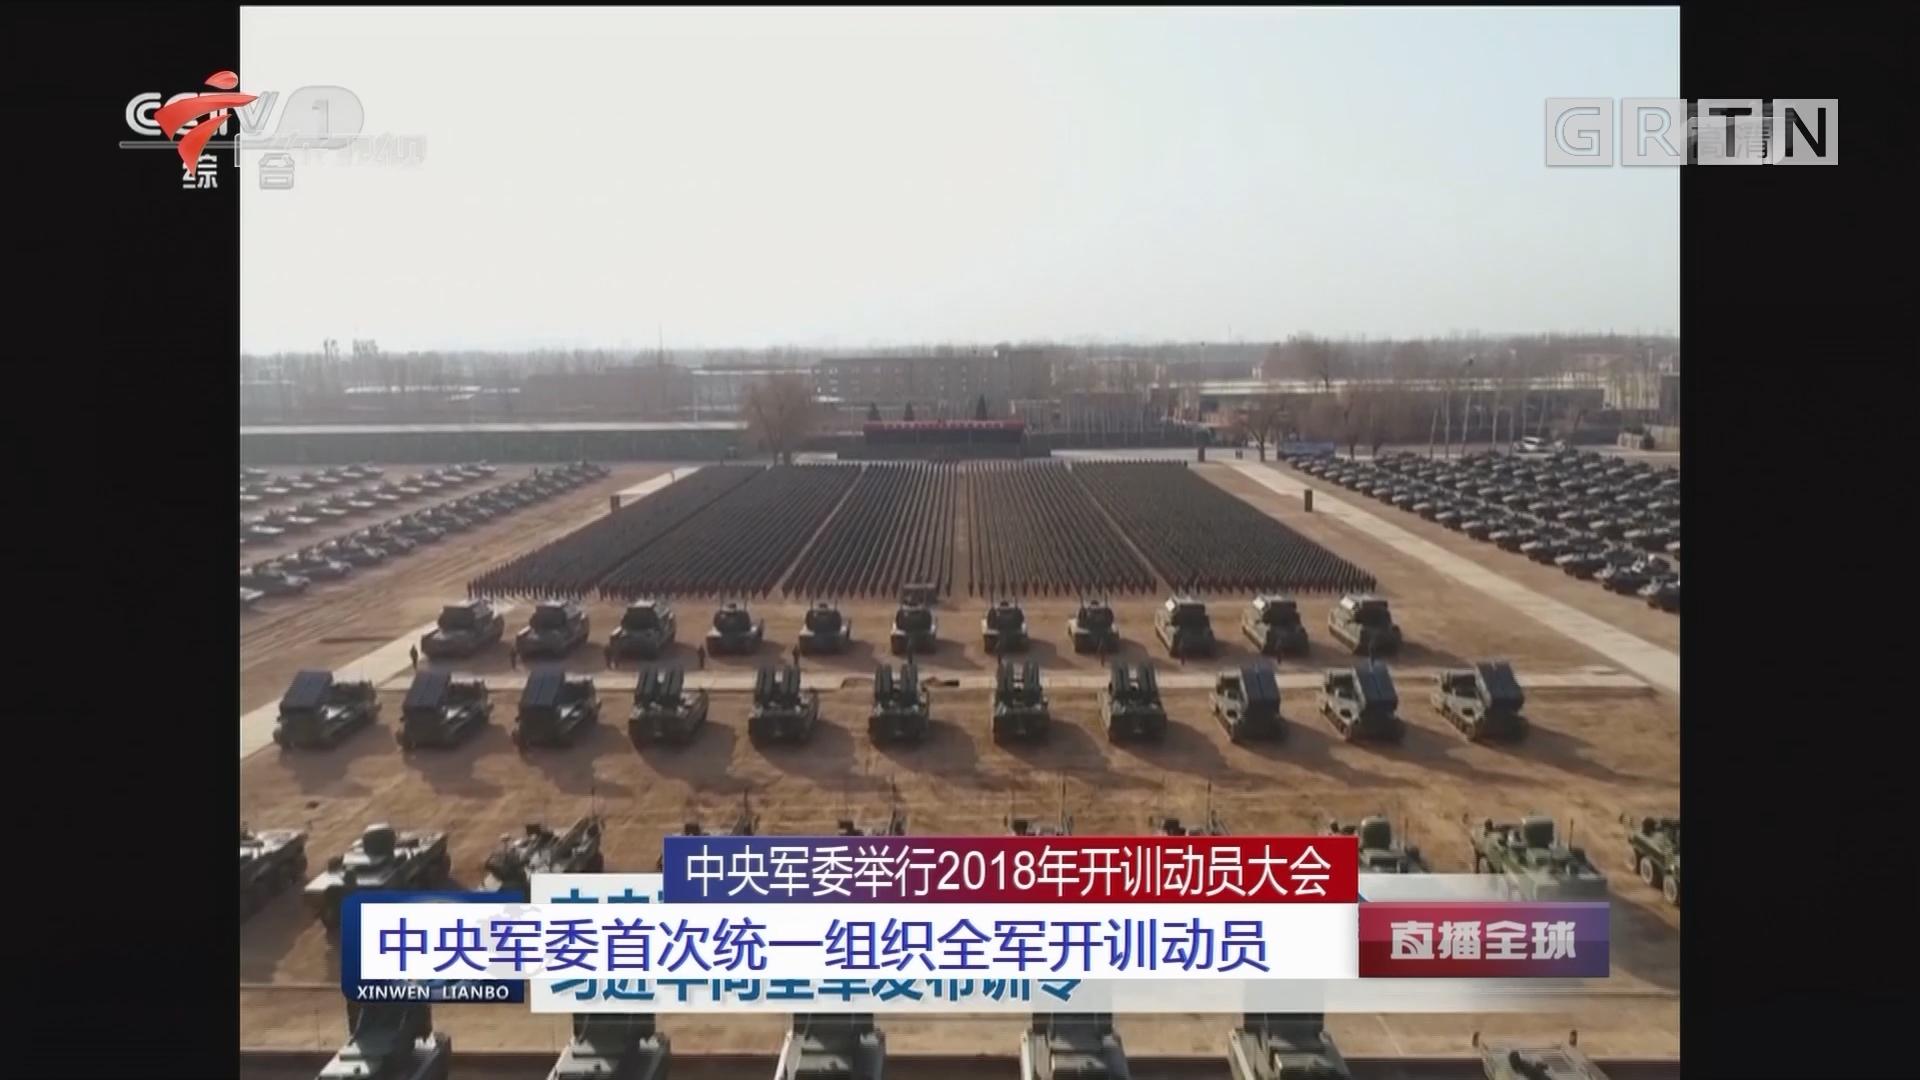 中央军委举行2018年开训动员大会:中央军委首次统一组织全军开训动员